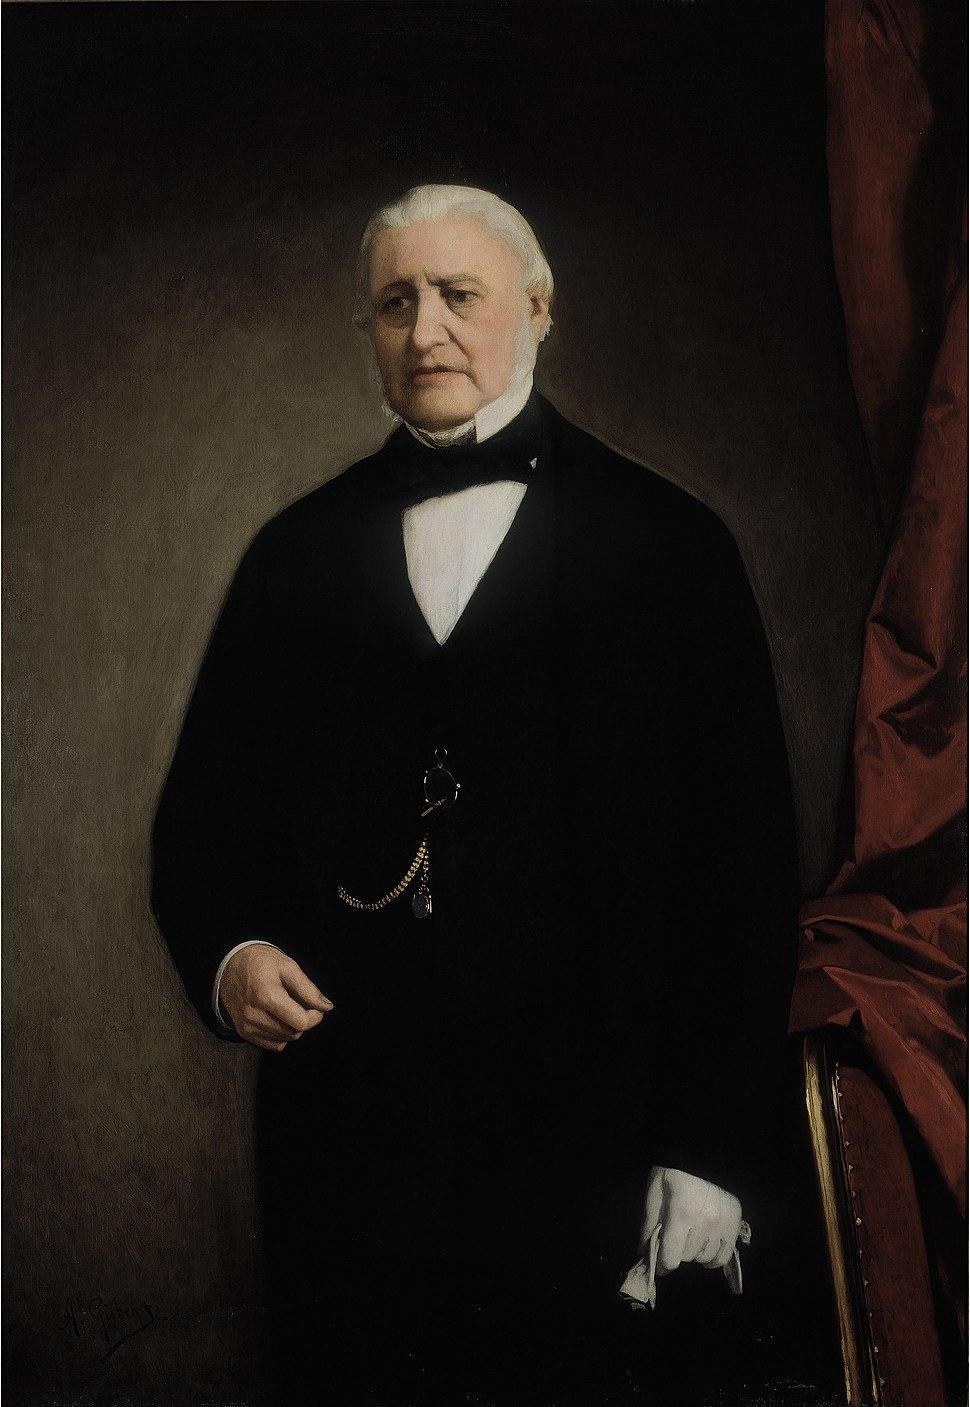 Francisco Javier Istúriz